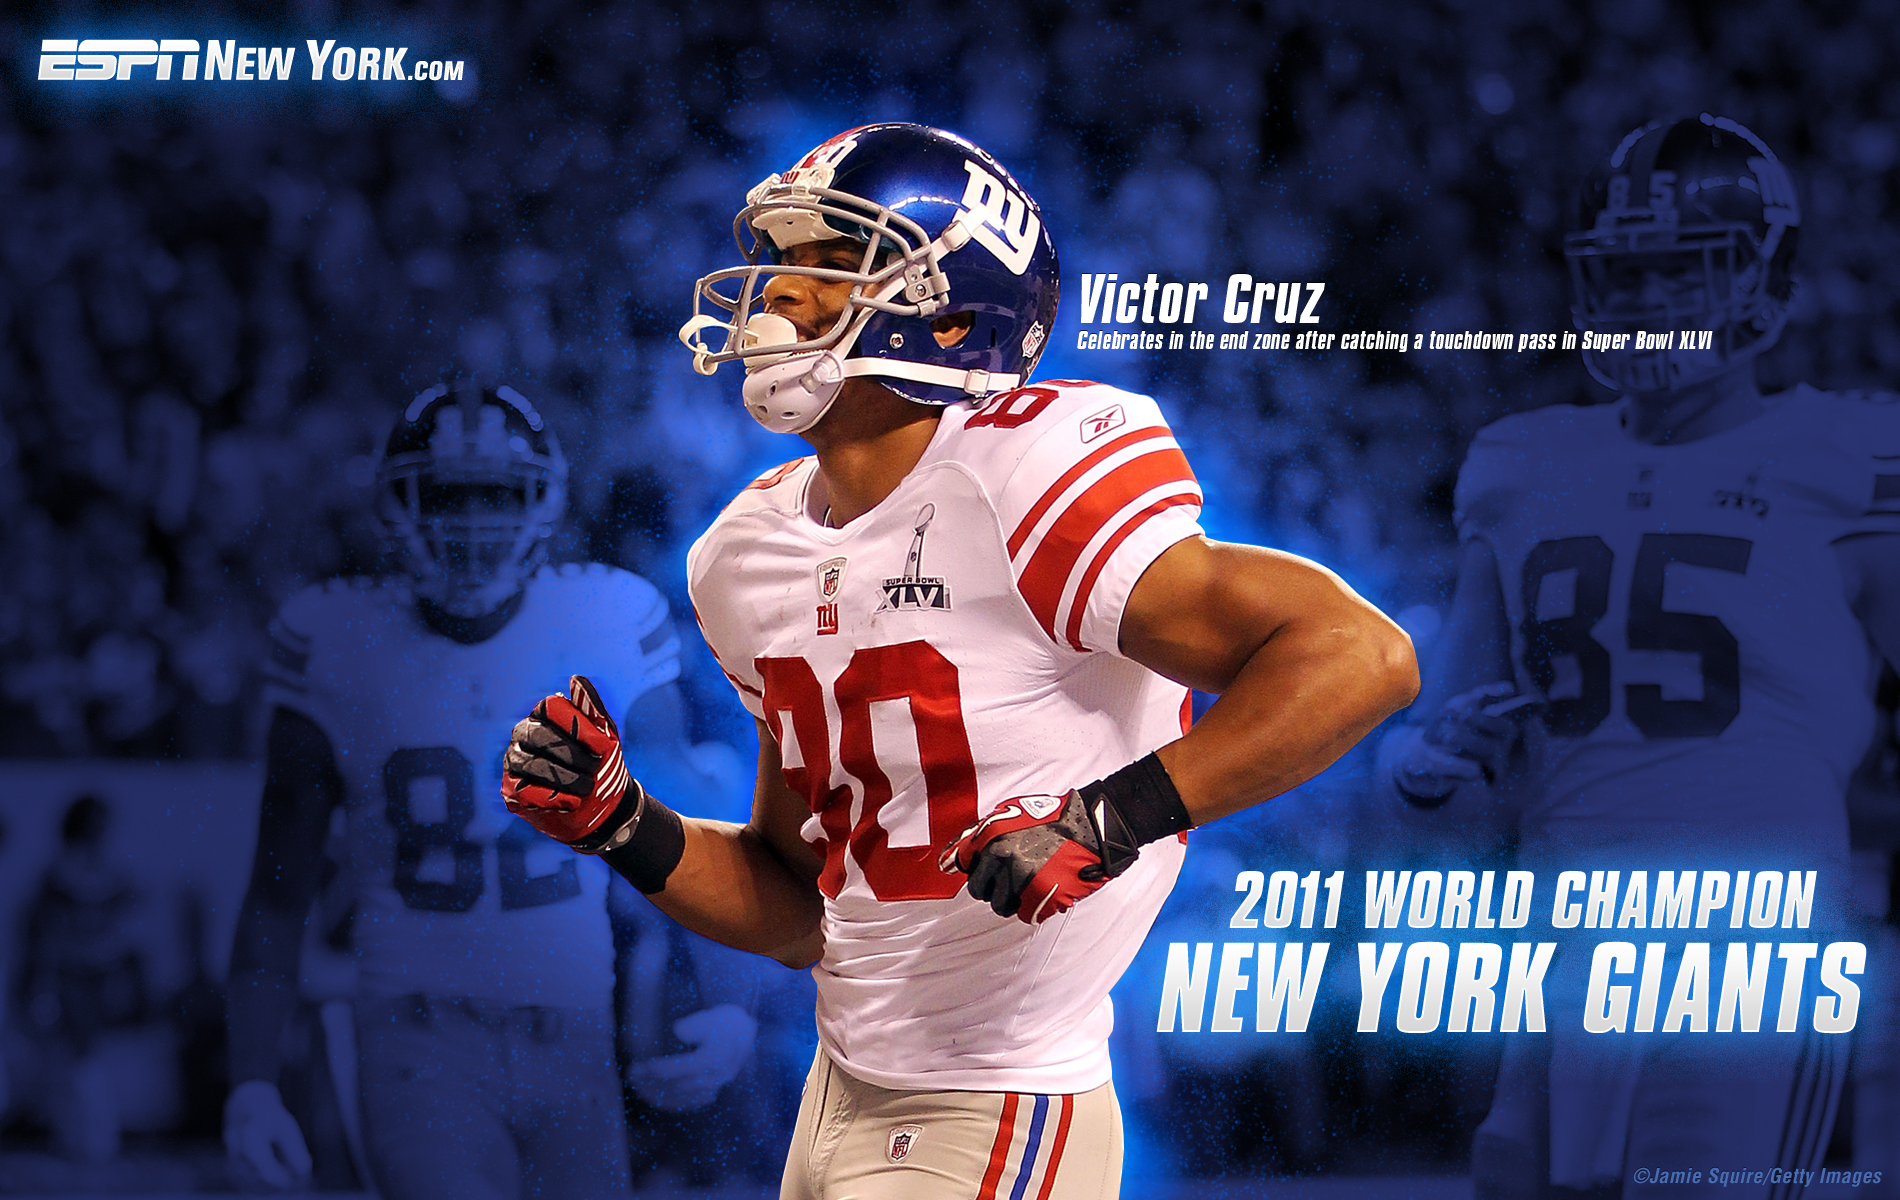 Giants Super Bowl Wallpaper Cruz Edition